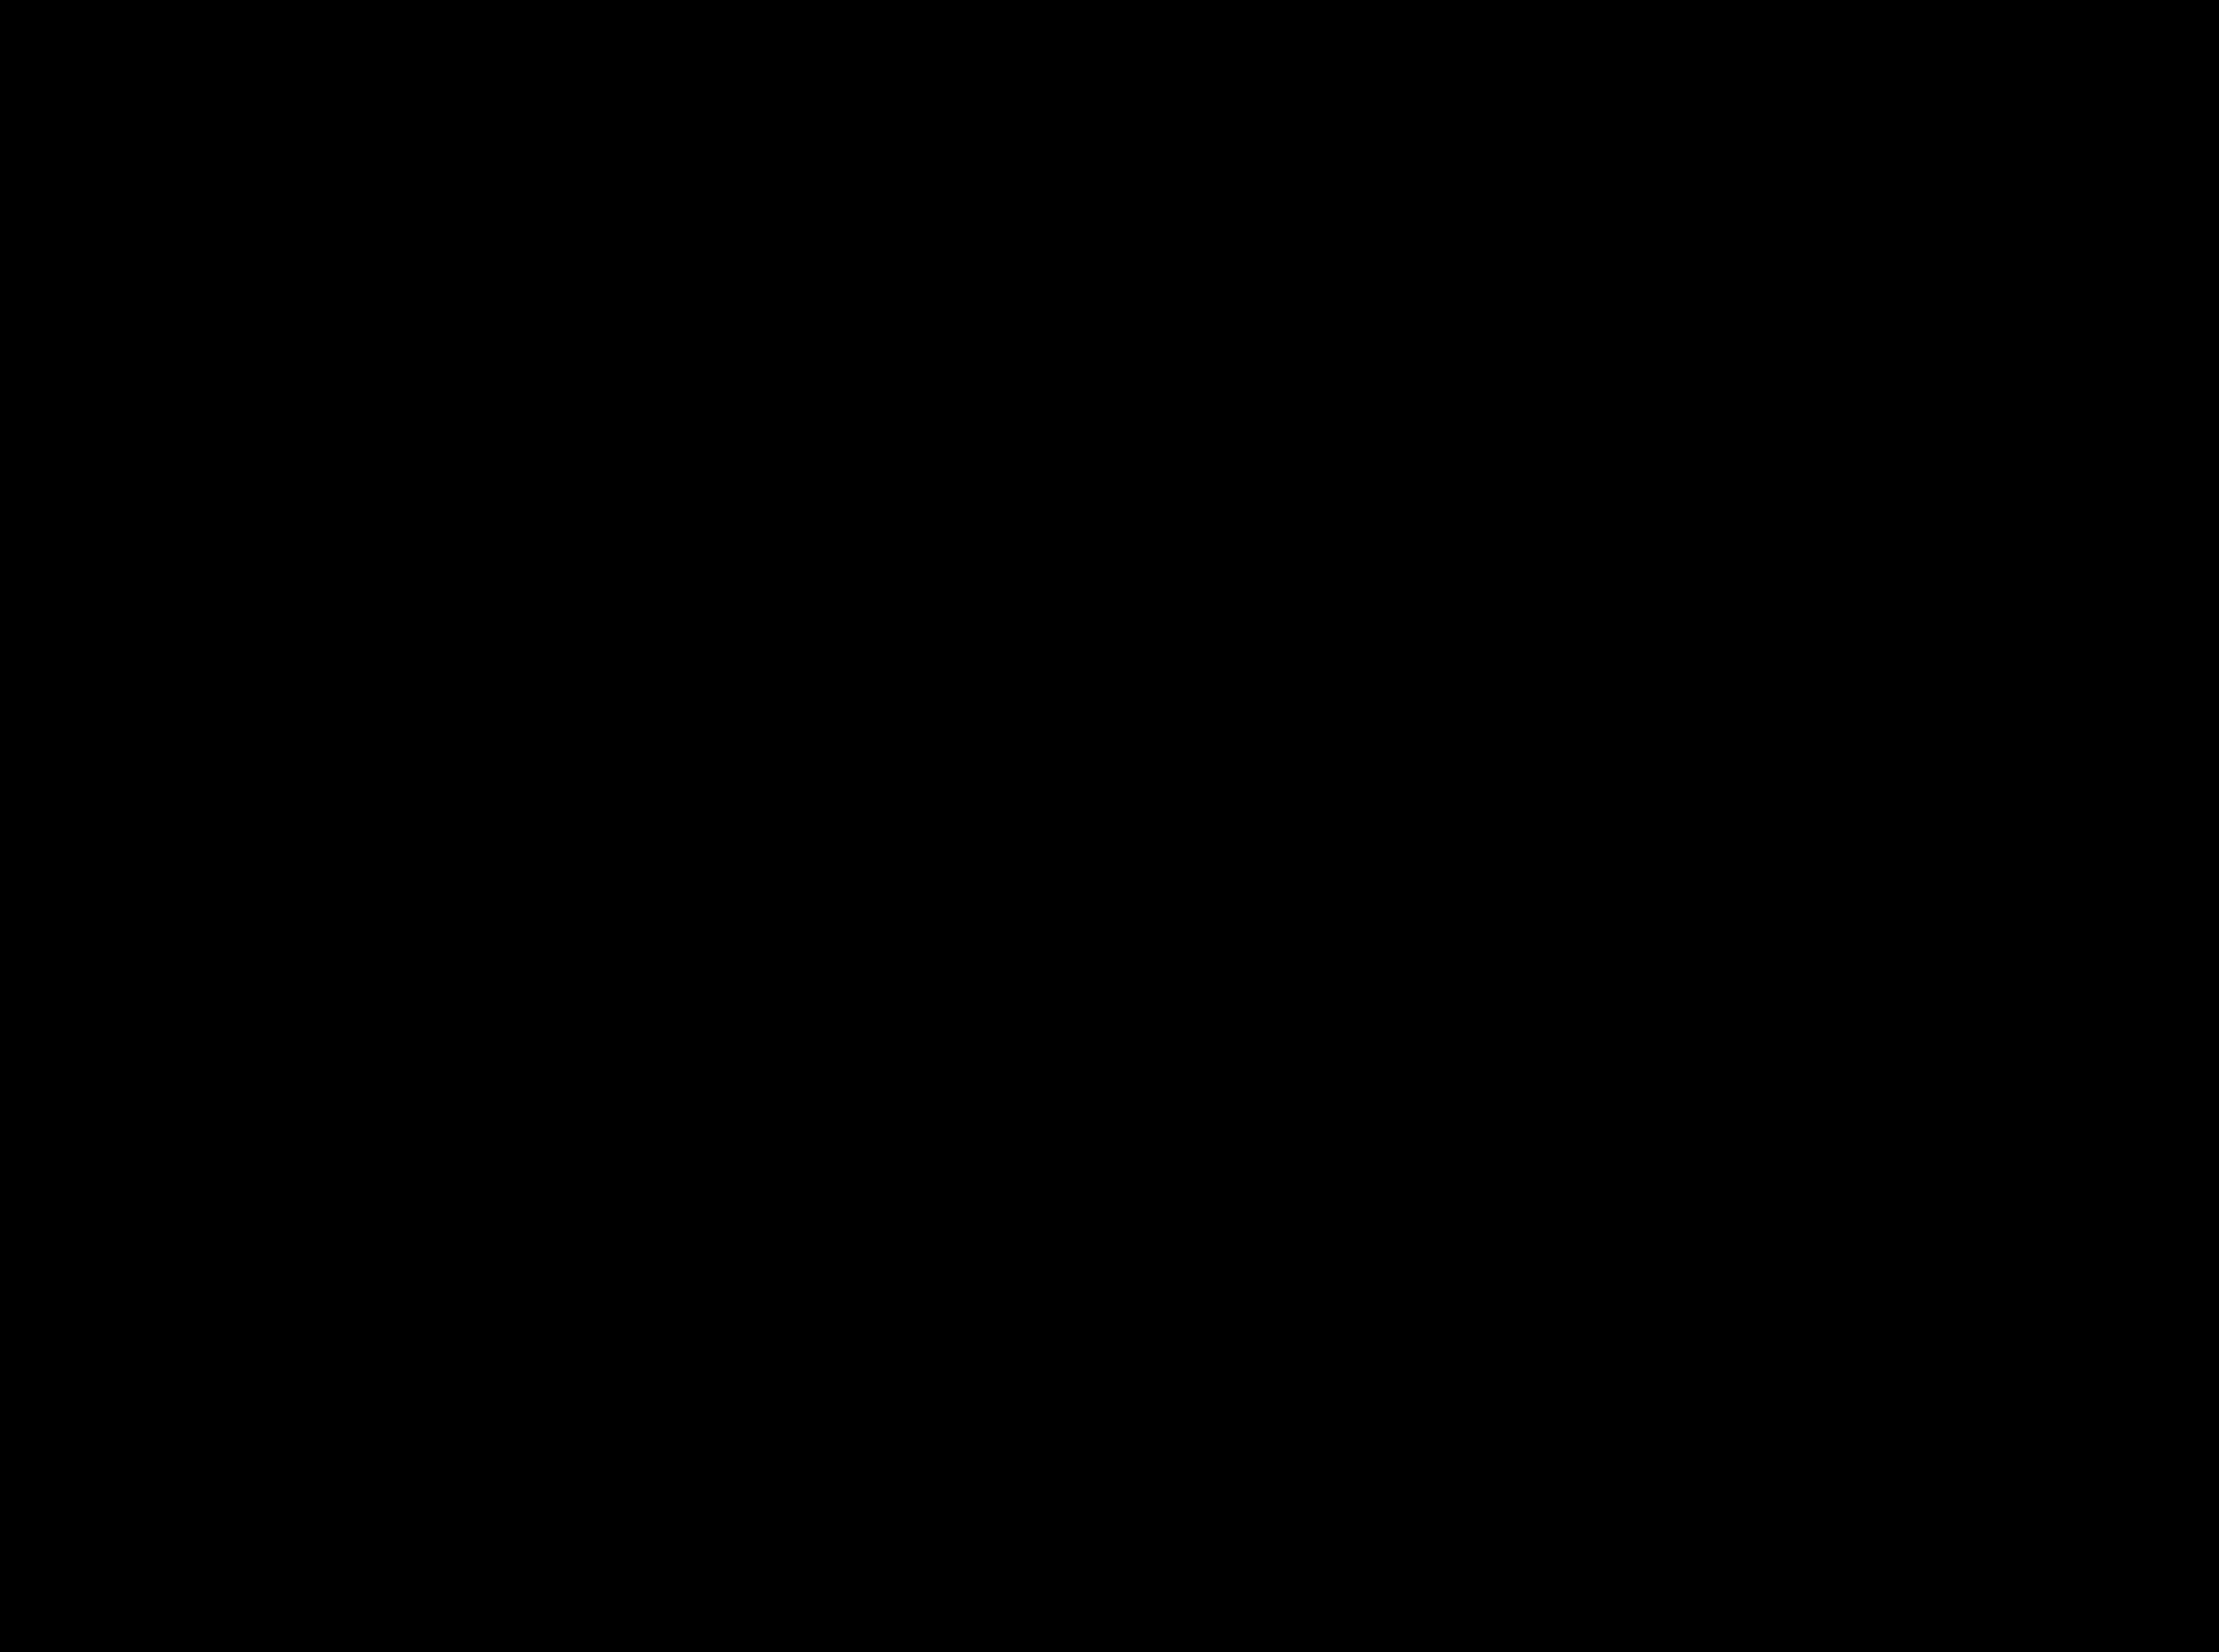 TWSCF_vectorLogo1.png